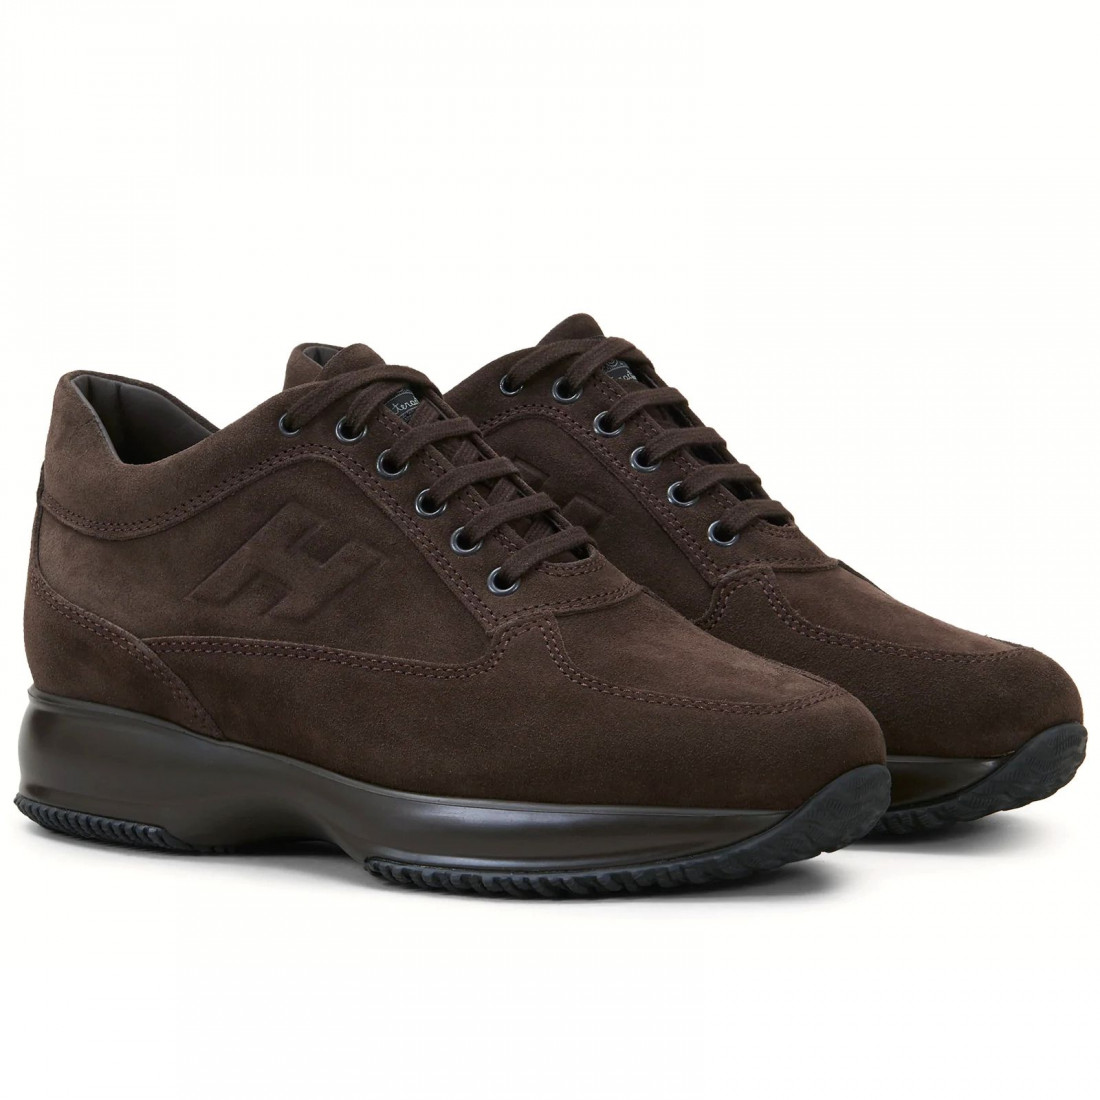 sneakers man hogan hxm00n09042hg0s807 7567